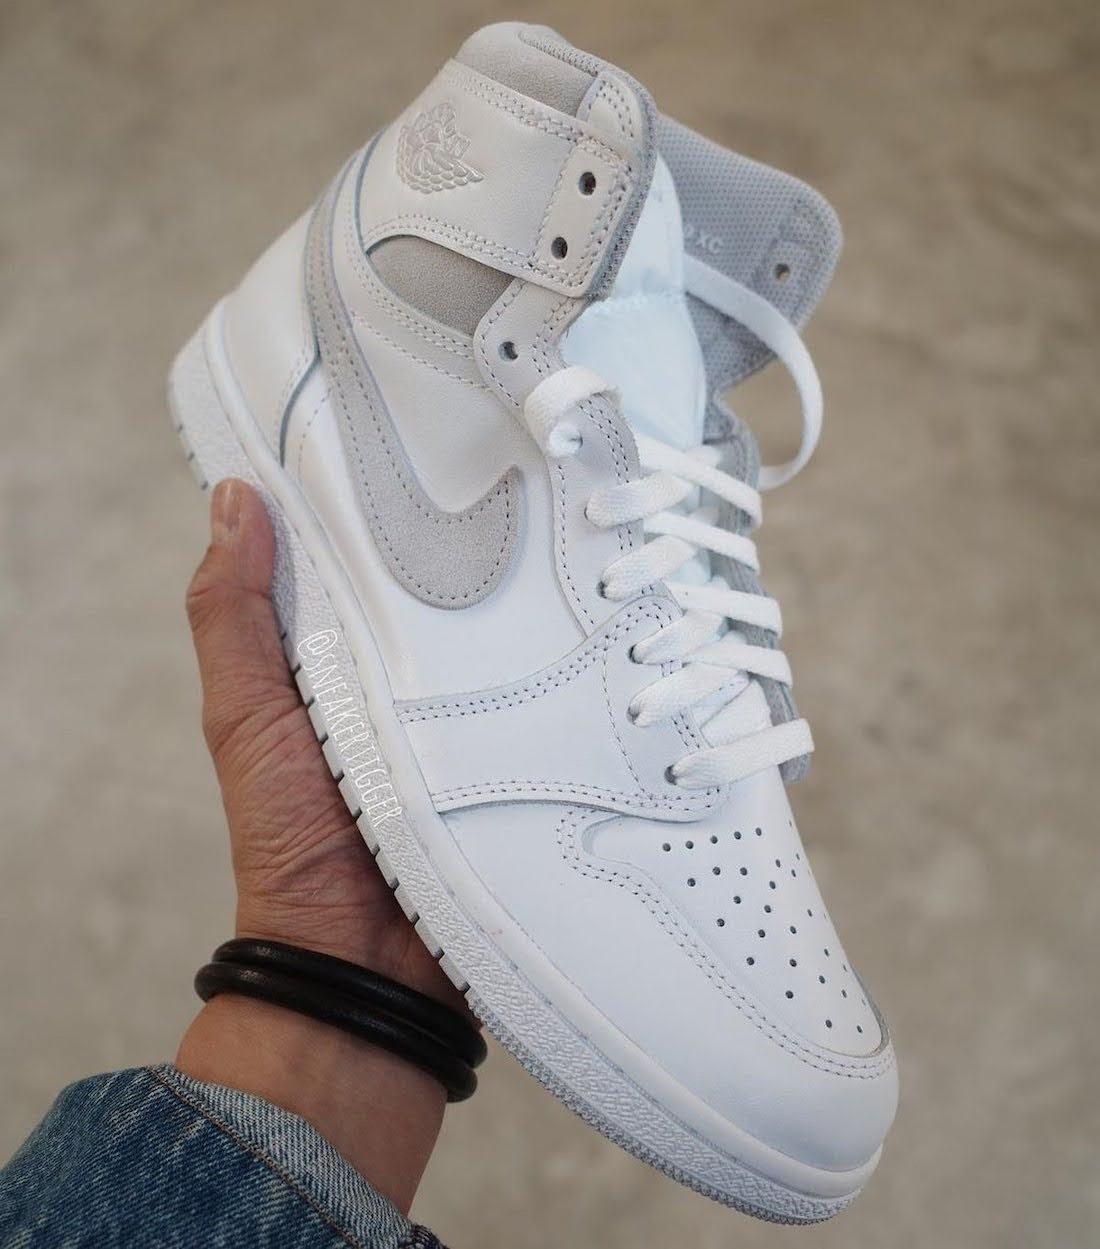 """ナイキ エアジョーダン1 ハイ 85 """"ニュートラルグレー""""-Nike-Air-Jordan-1-High-85-Neutral-Grey-BQ4422-100-2021-side"""